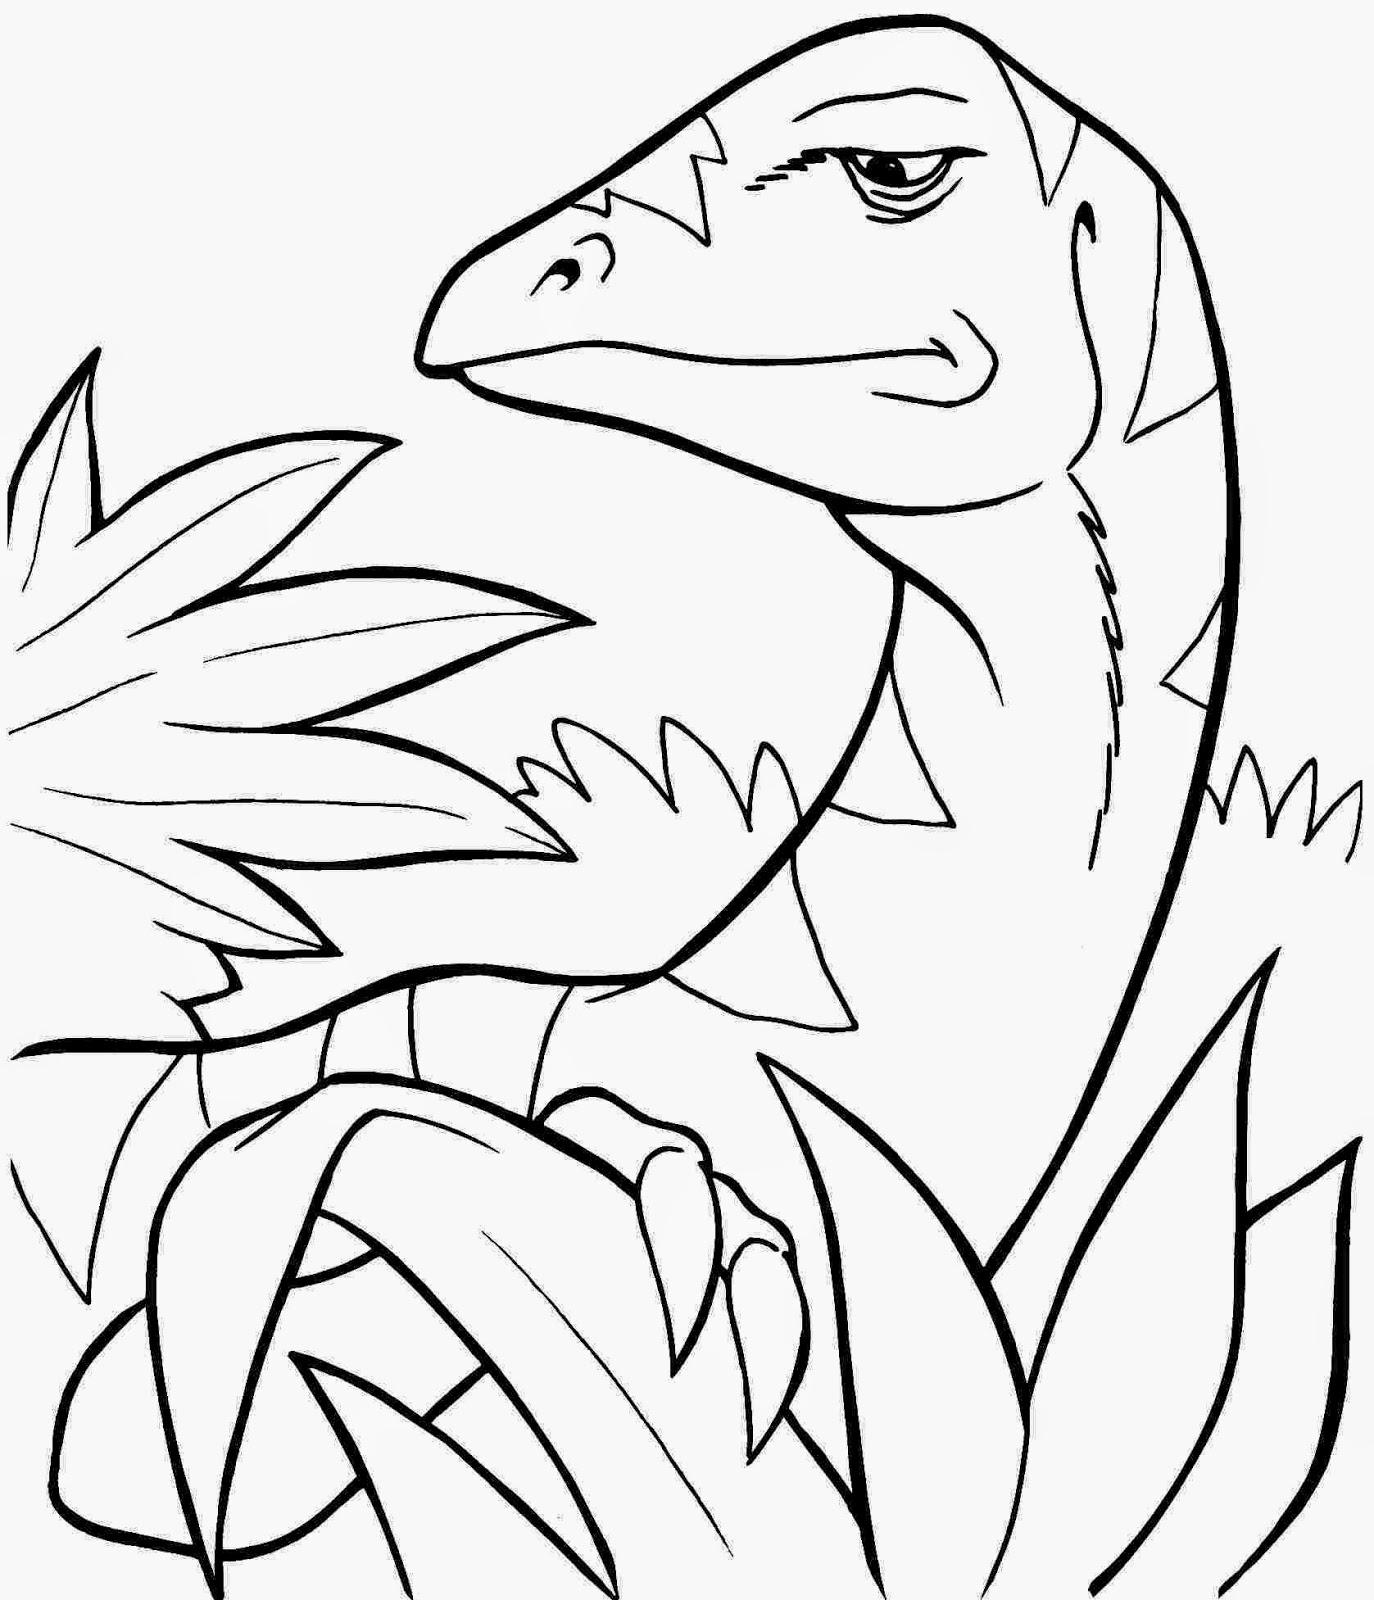 Wiring Diagram Dino